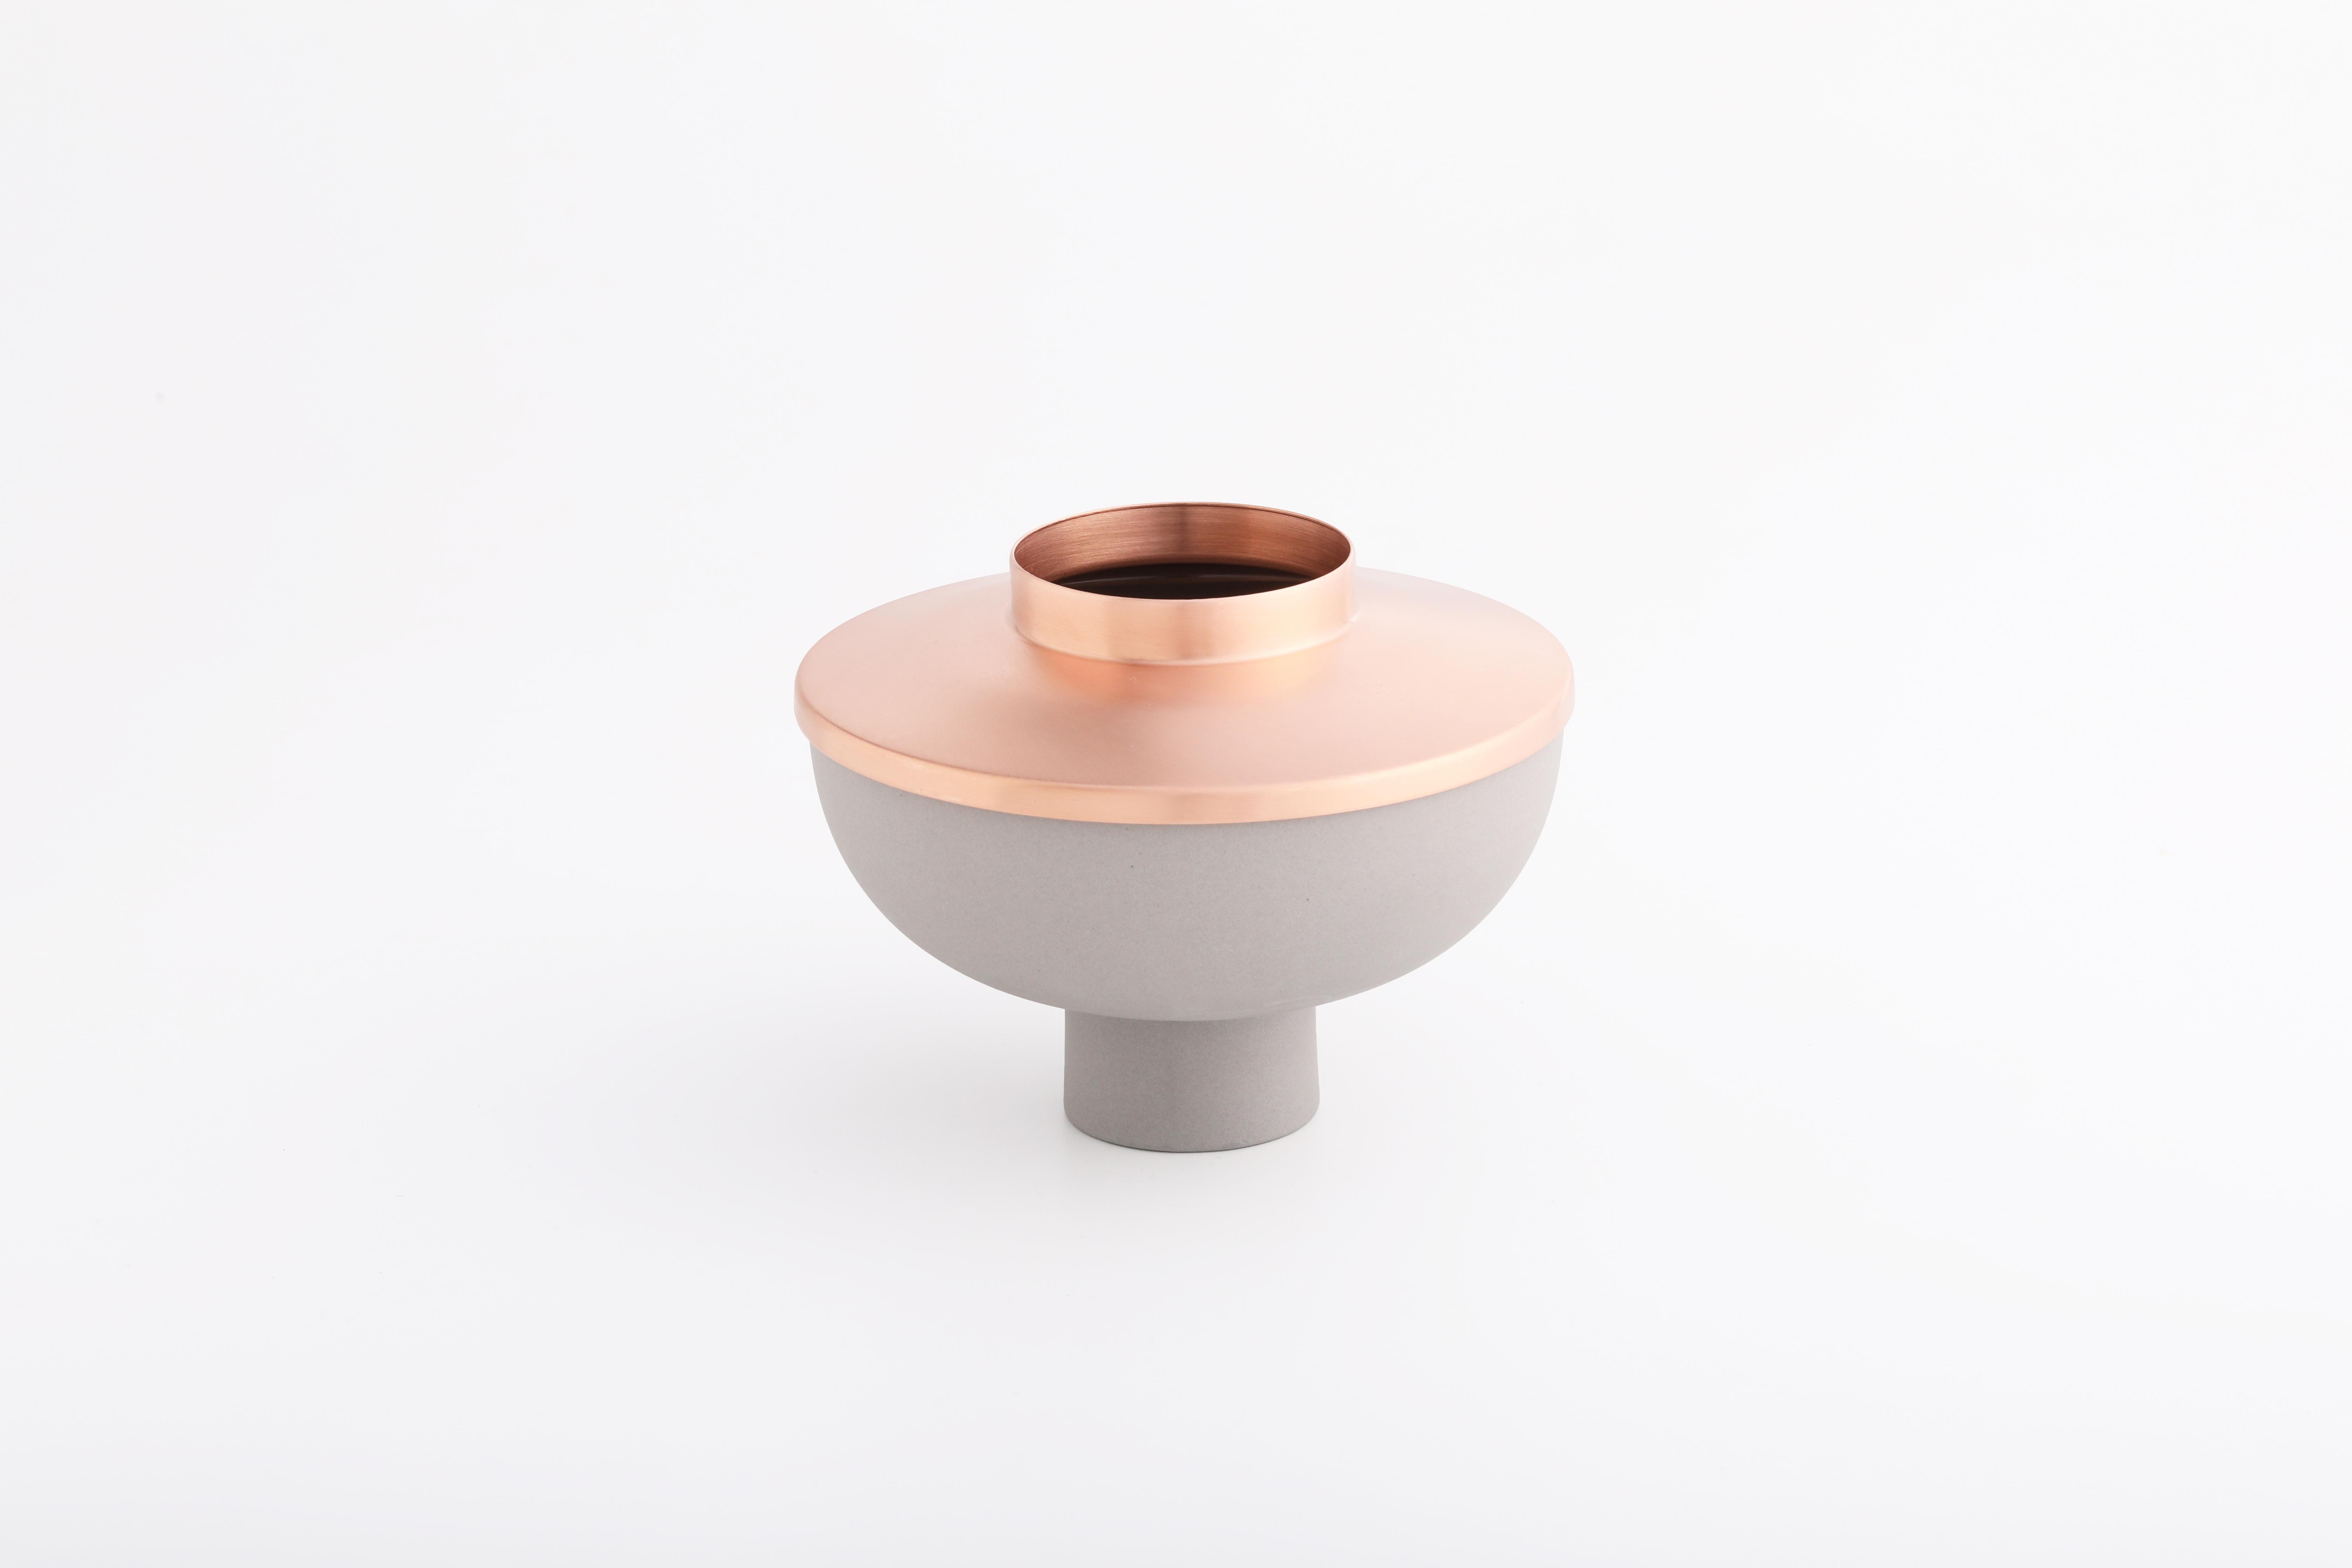 Set 2 (灰瓷紅銅款 / Grey, Copper)